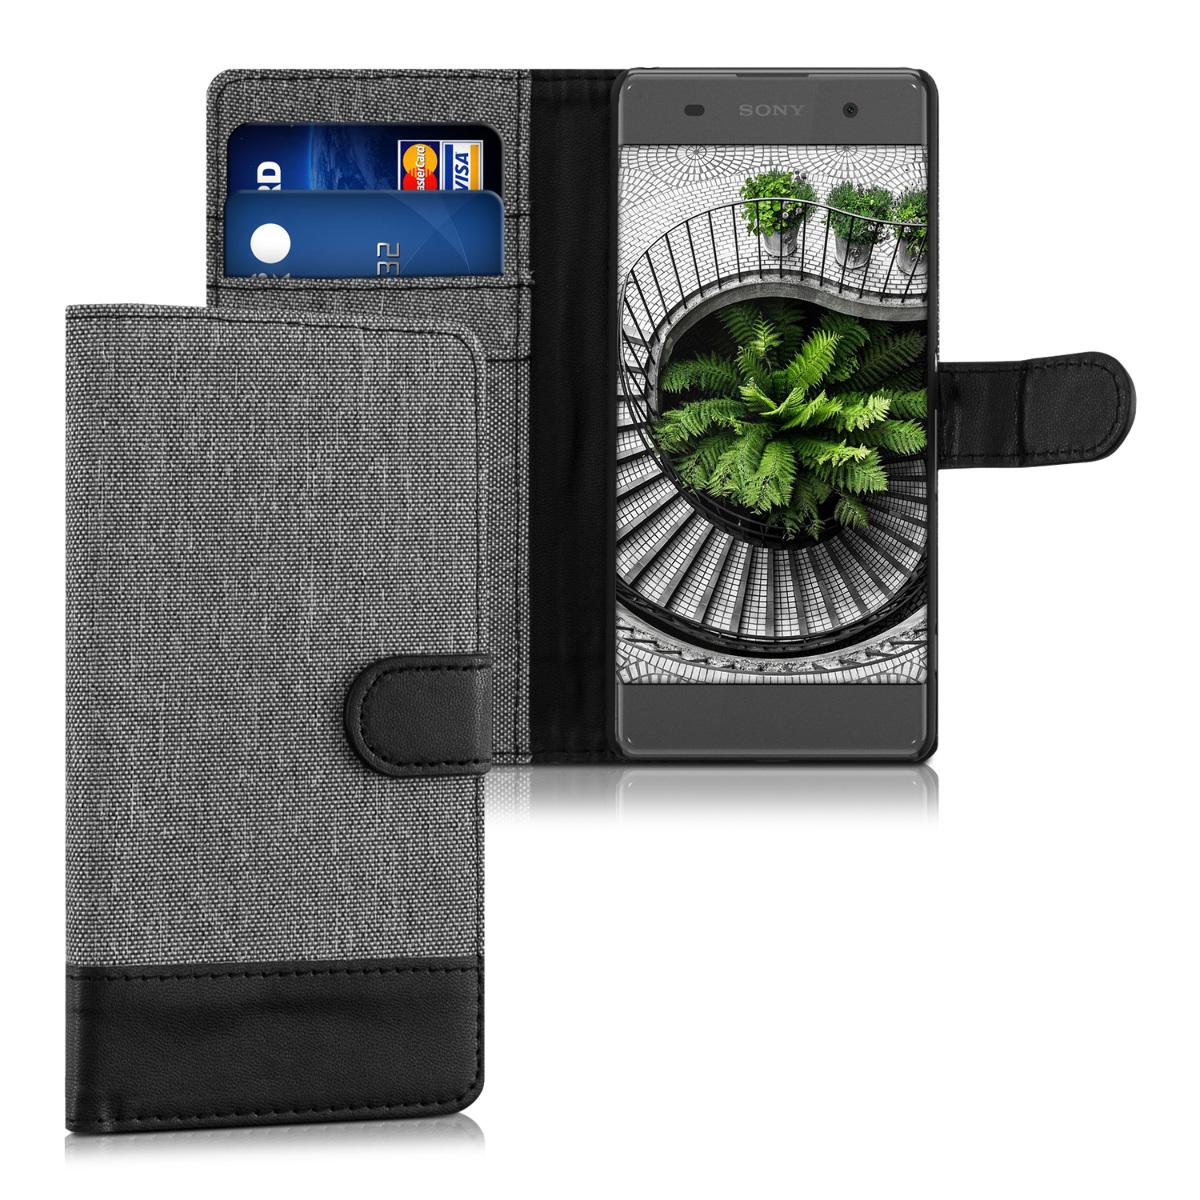 KW Θήκη Πορτοφόλι Sony Xperia XA - Συνθετικό δέρμα - Grey / Black (37314.22)